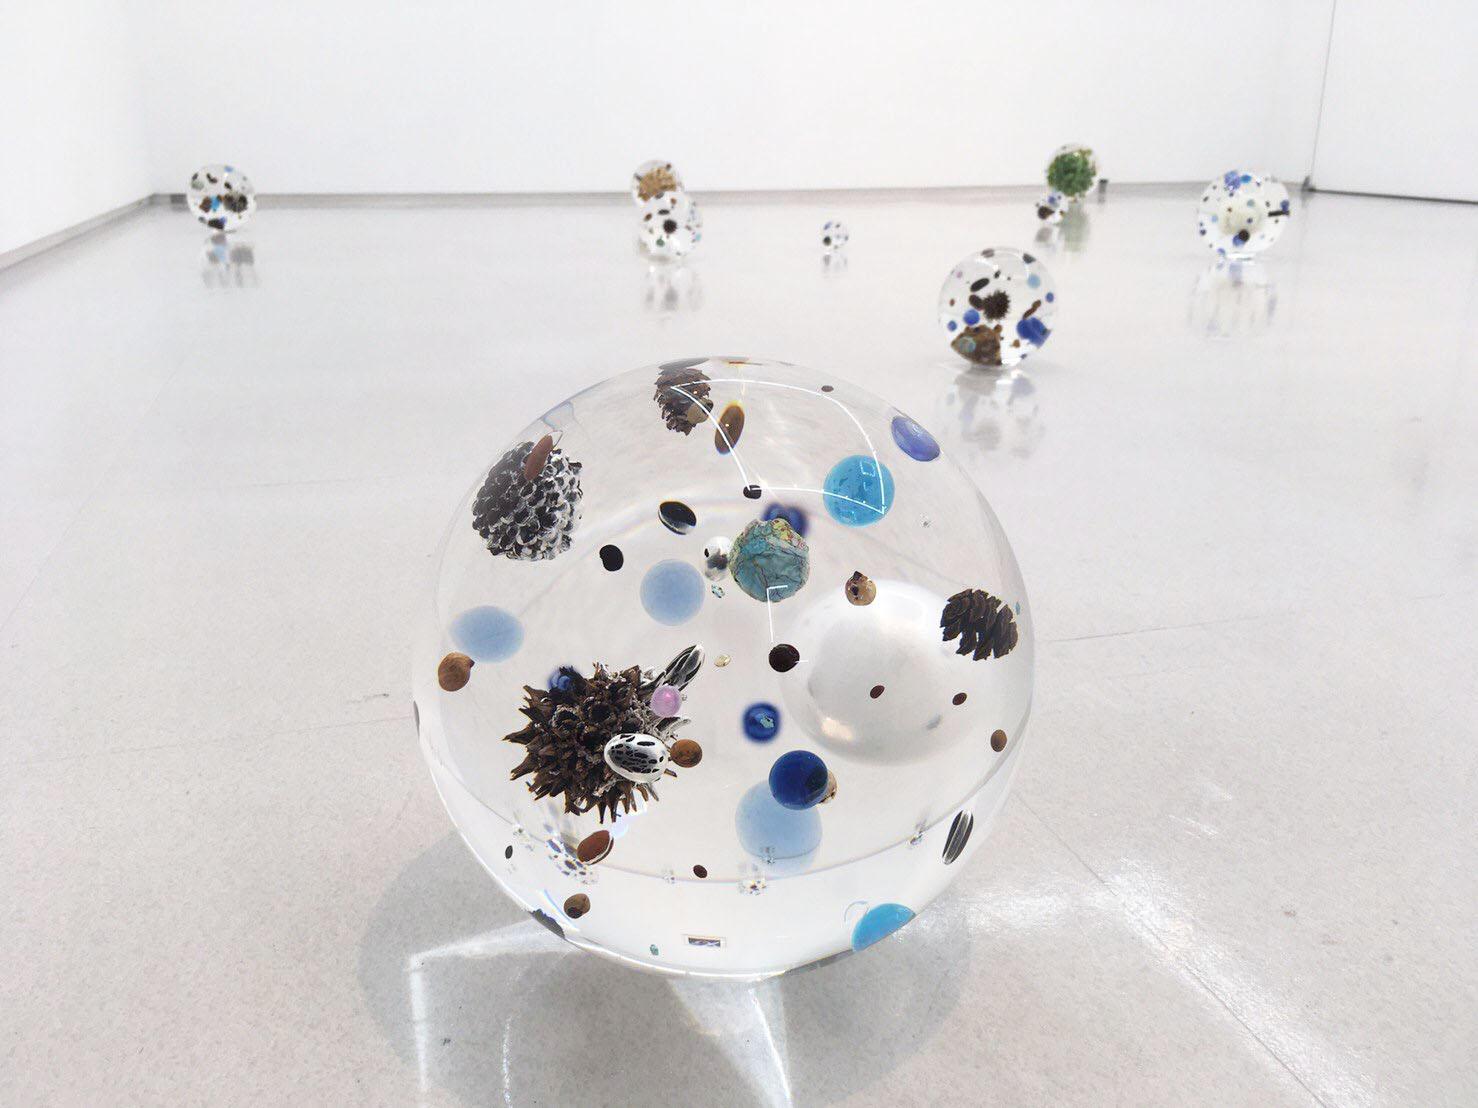 """廣瀬智央展「森のコスモロジー」Satoshi Hirose """"A Cosmology from Forest"""""""